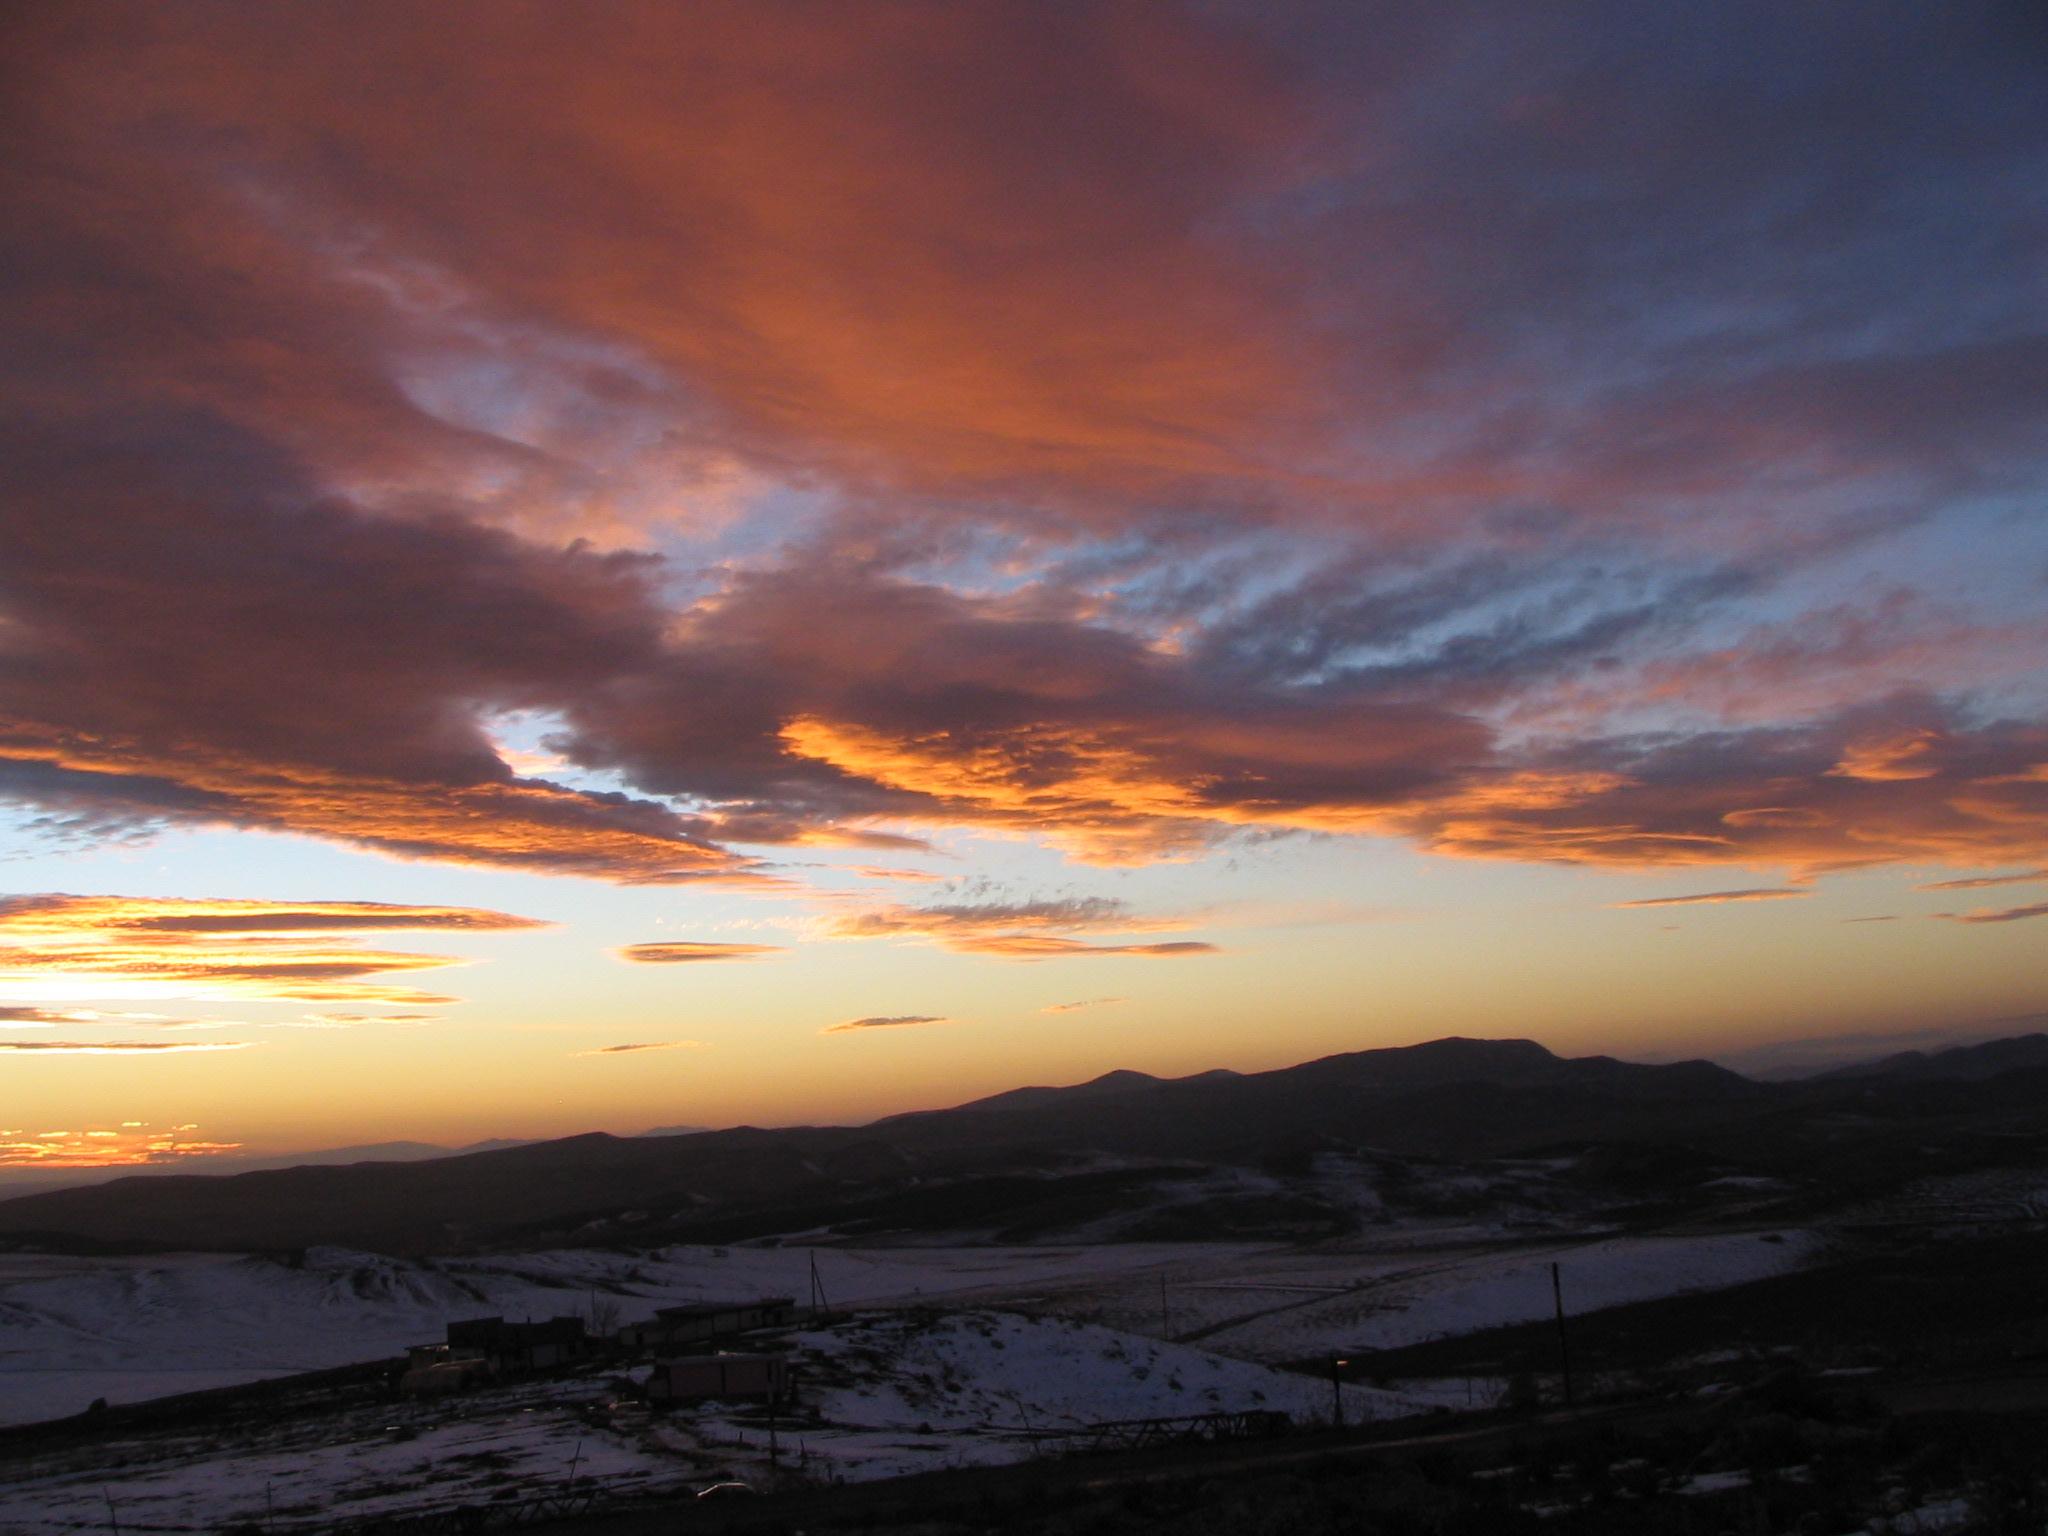 غروب الشمس بمنطقة عين عباسة بولاية سطيف